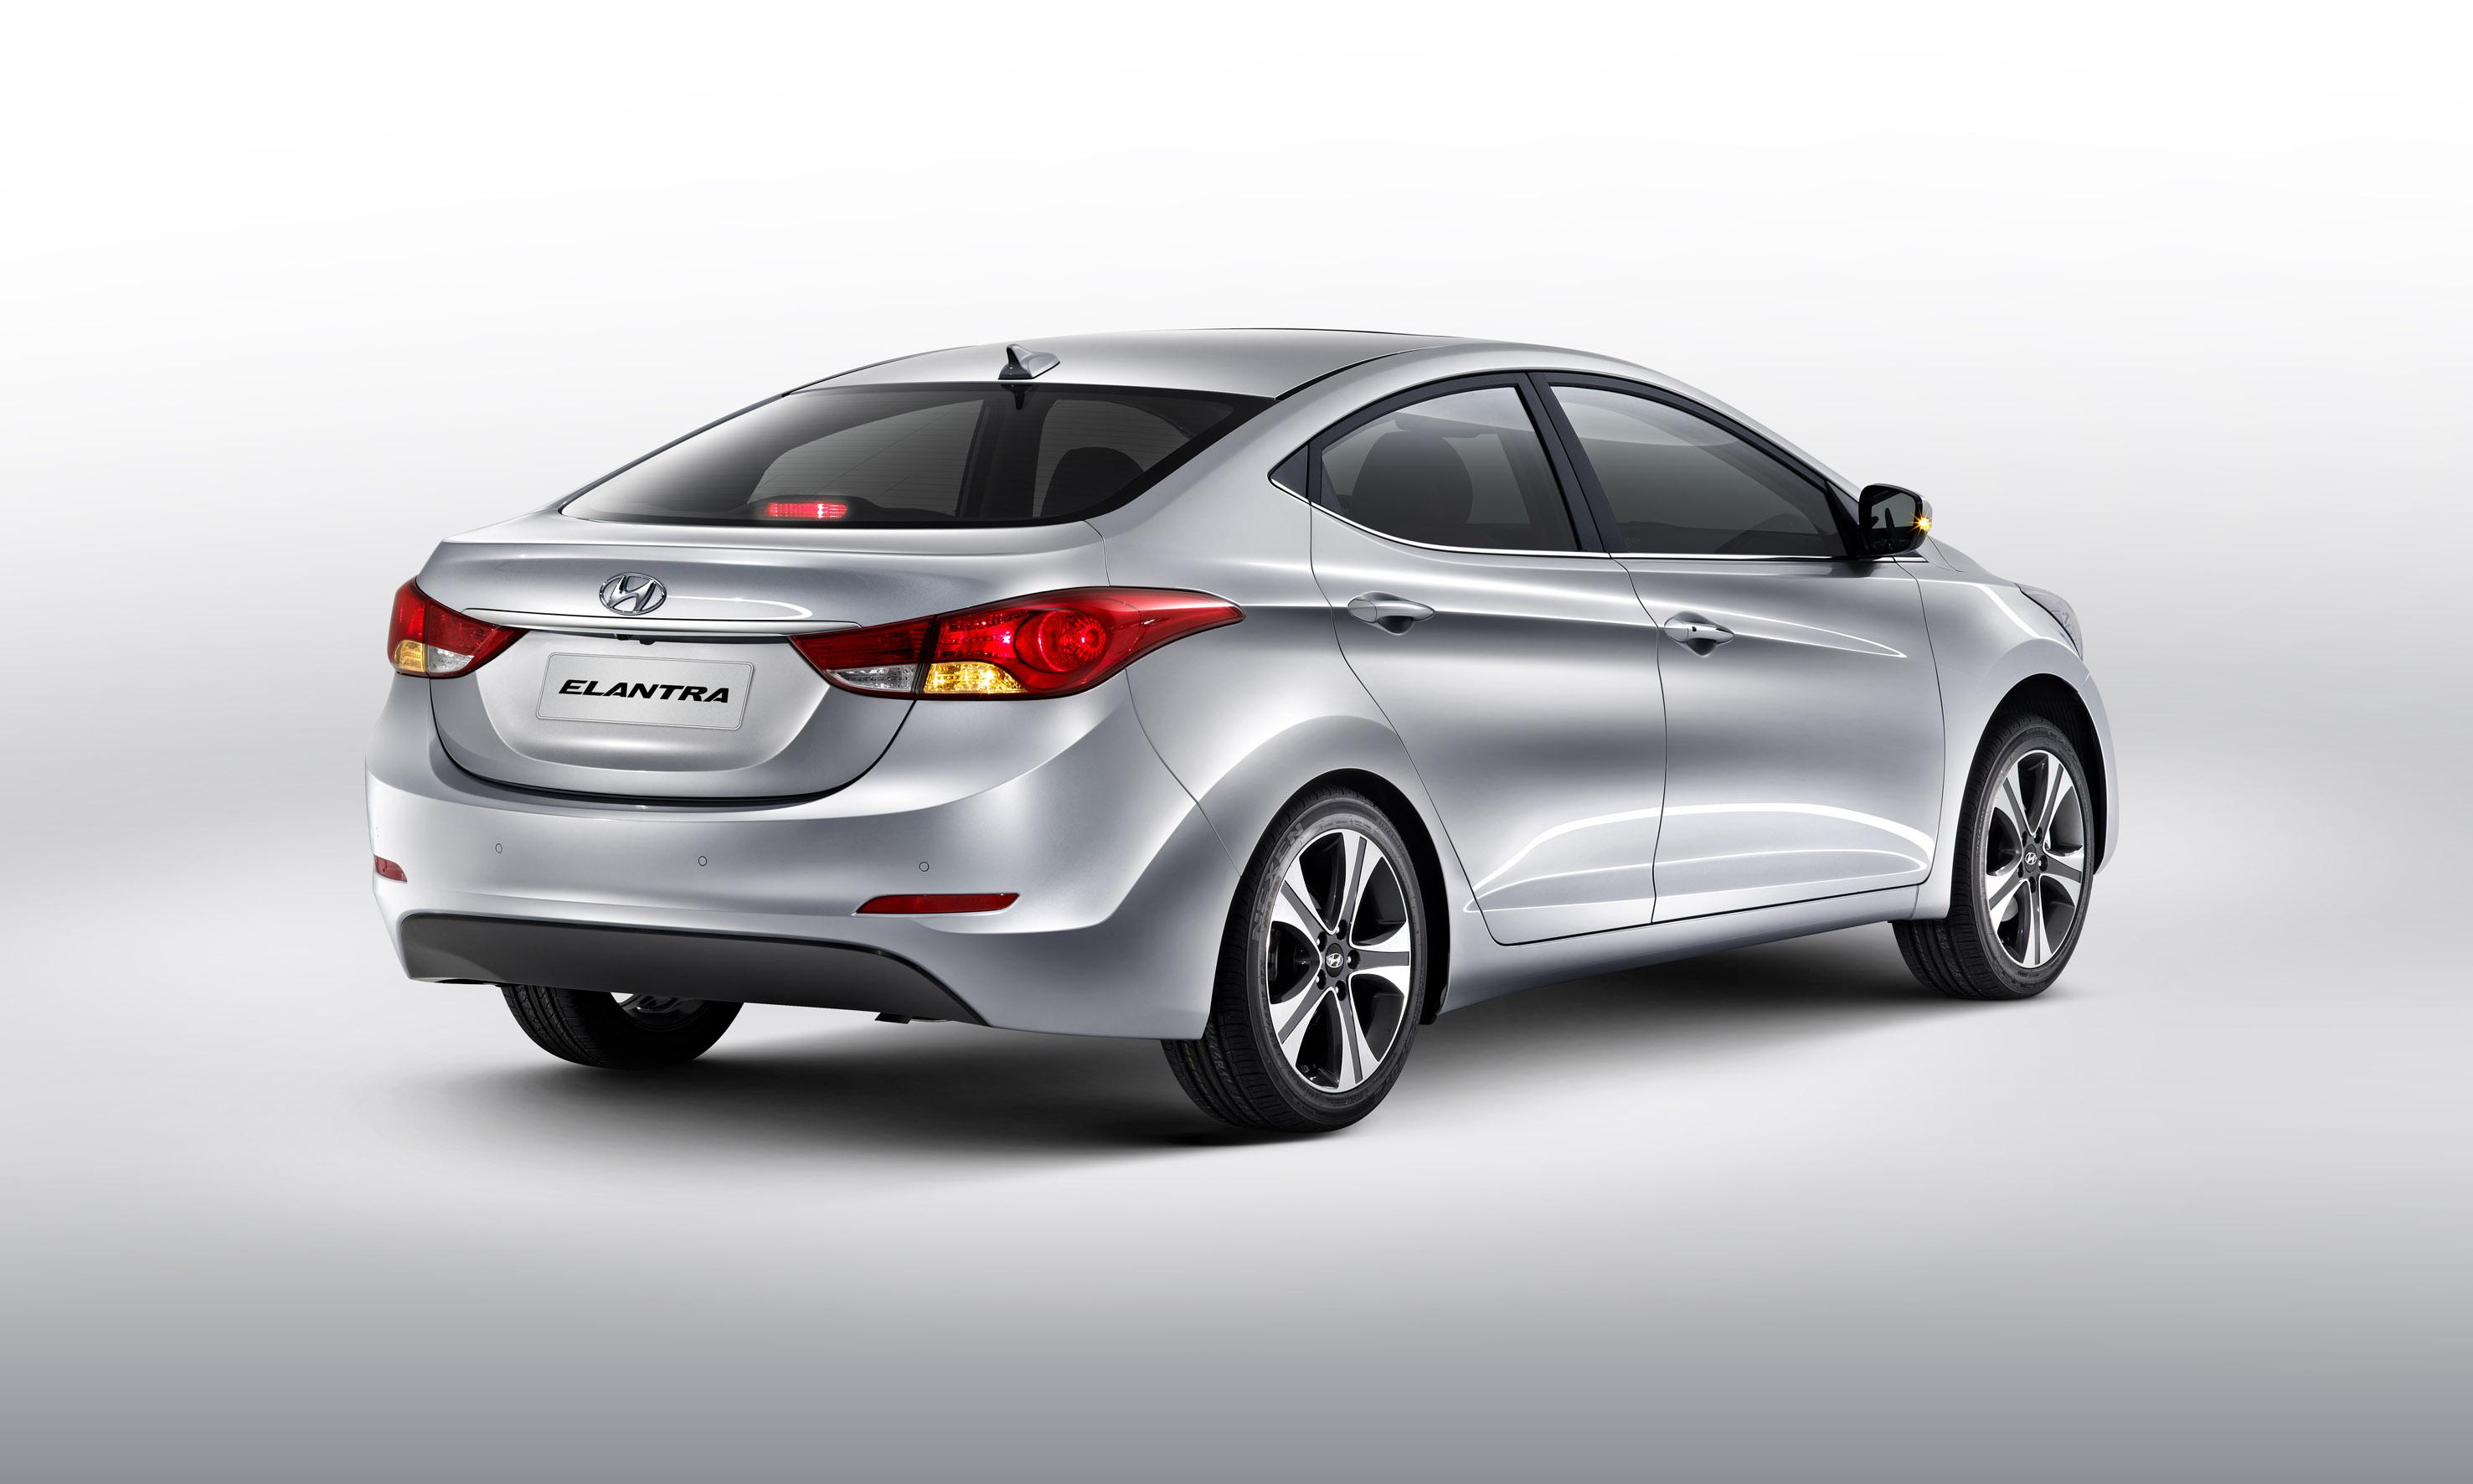 Hyundai Langdong 02 Hyundai Motor Company